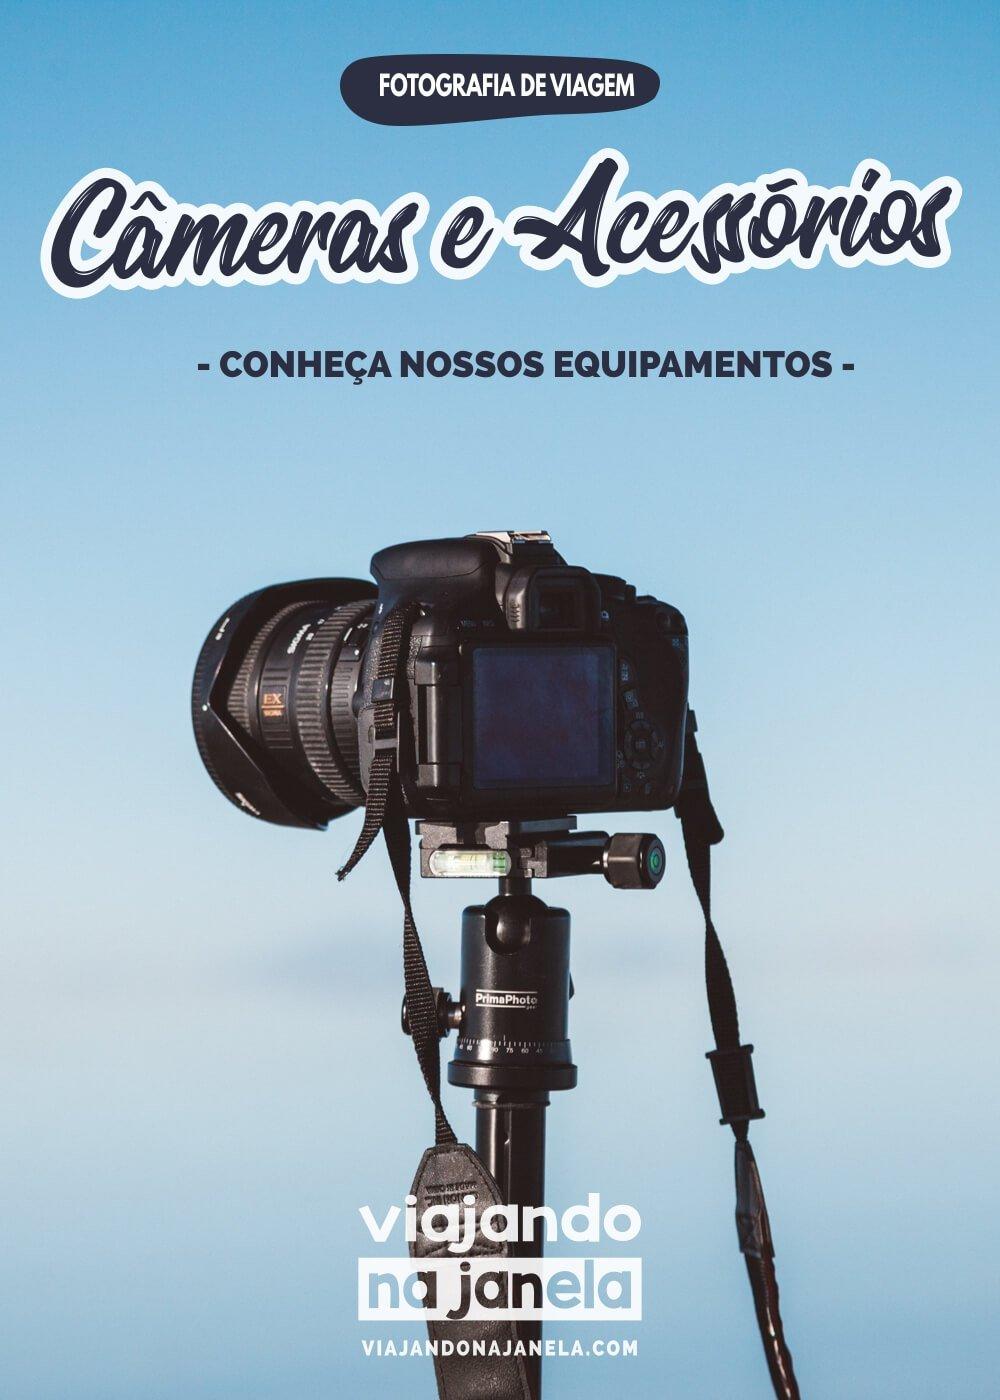 Equipamentos fotográficos - fotografia de viagem - pin